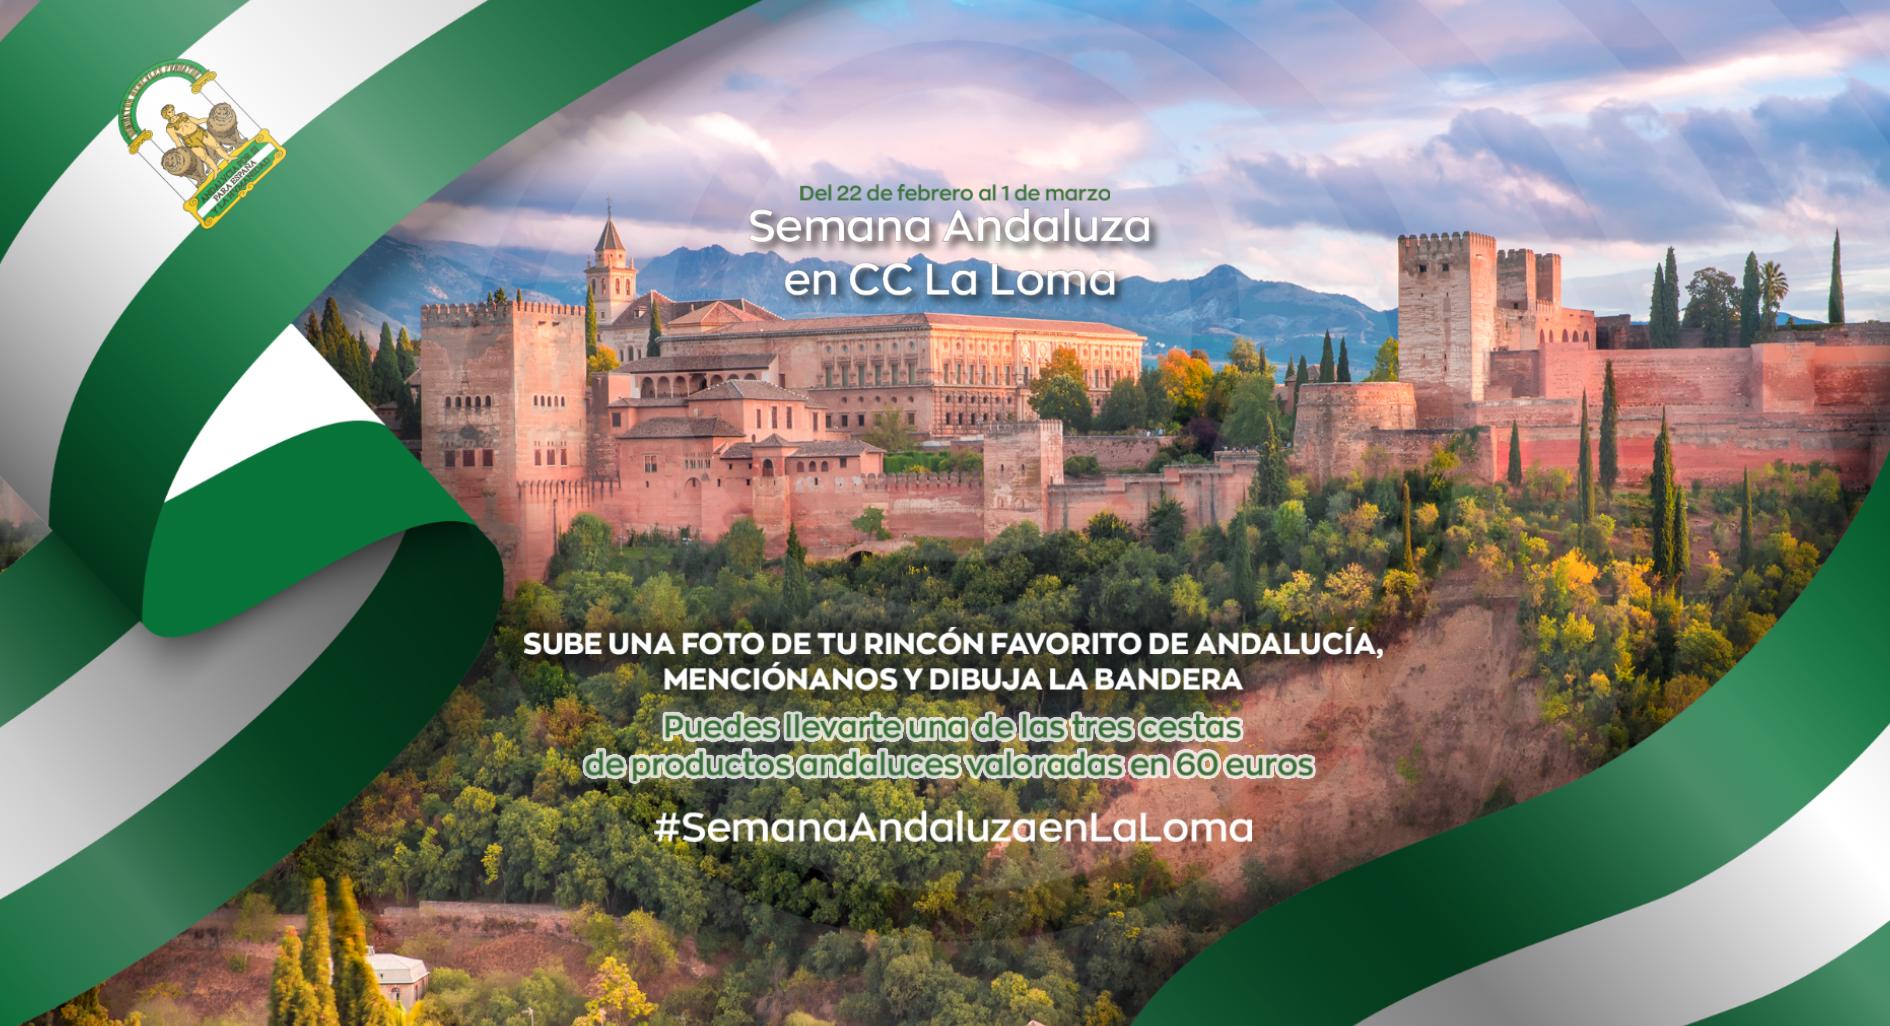 Sorteo Semana Andaluza Centro Comercial La Loma